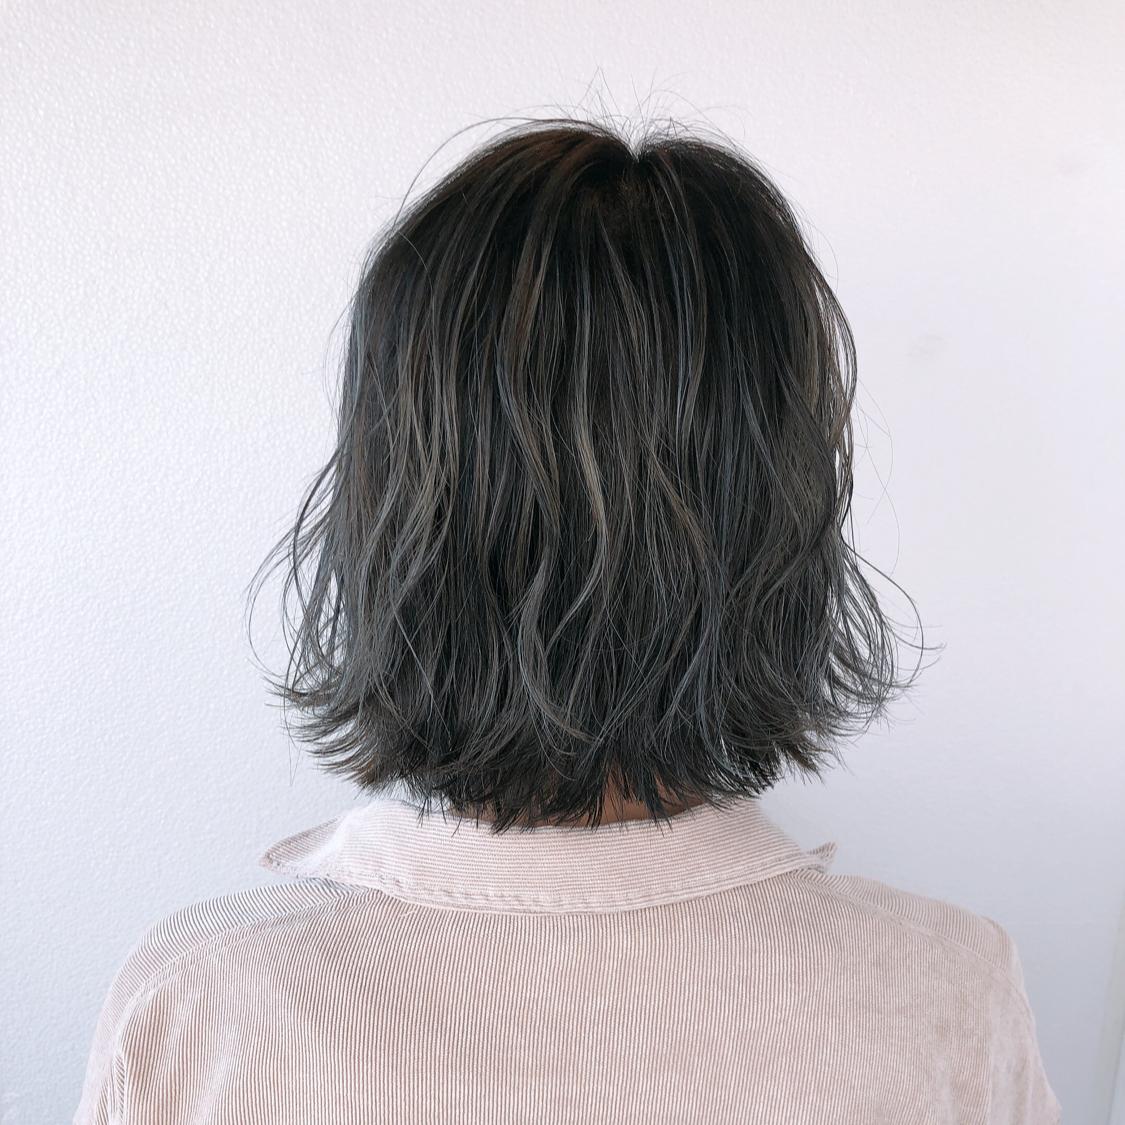 【グレージュハイライトcolor】 傷まないブリーチ使用! ●ハイライトカラー  全体ブリーチだと髪へのダメージが心配で、色落ちの金髪も気になる方が多いと思います。 でも透明感欲しくて、綺麗な色やしたい色はブリーチ使用してる事が多いので、今回はハイライトを全体に入れて理想的な透明感あるアッシュグレージュを実現!  一度ハイライト入れてたら 毎回ハイライトしなくても履歴あればワンカラーで何度か楽しめるのでオススメです^ ^  N.ポリッシュオイルで完成!  #岡山美容室#岡山美容師#サロンモデル#サロンスタイル#アッシュグレー #外国人風グラデーションカラー#hair#オシャレ#鬼滅カラー #hairstyle#haircolor#3dカラー#髪型#古作蓮#岡山美容院 #外国人風#beauty#西海岸風#撮影モデル#美容室MICHI#michi富田店#大元駅#大元駅美容室#stylist#followme#アッシュベージュ #カリスマ美容師#アッシュグレー #サロンワーク#外国人風カラー